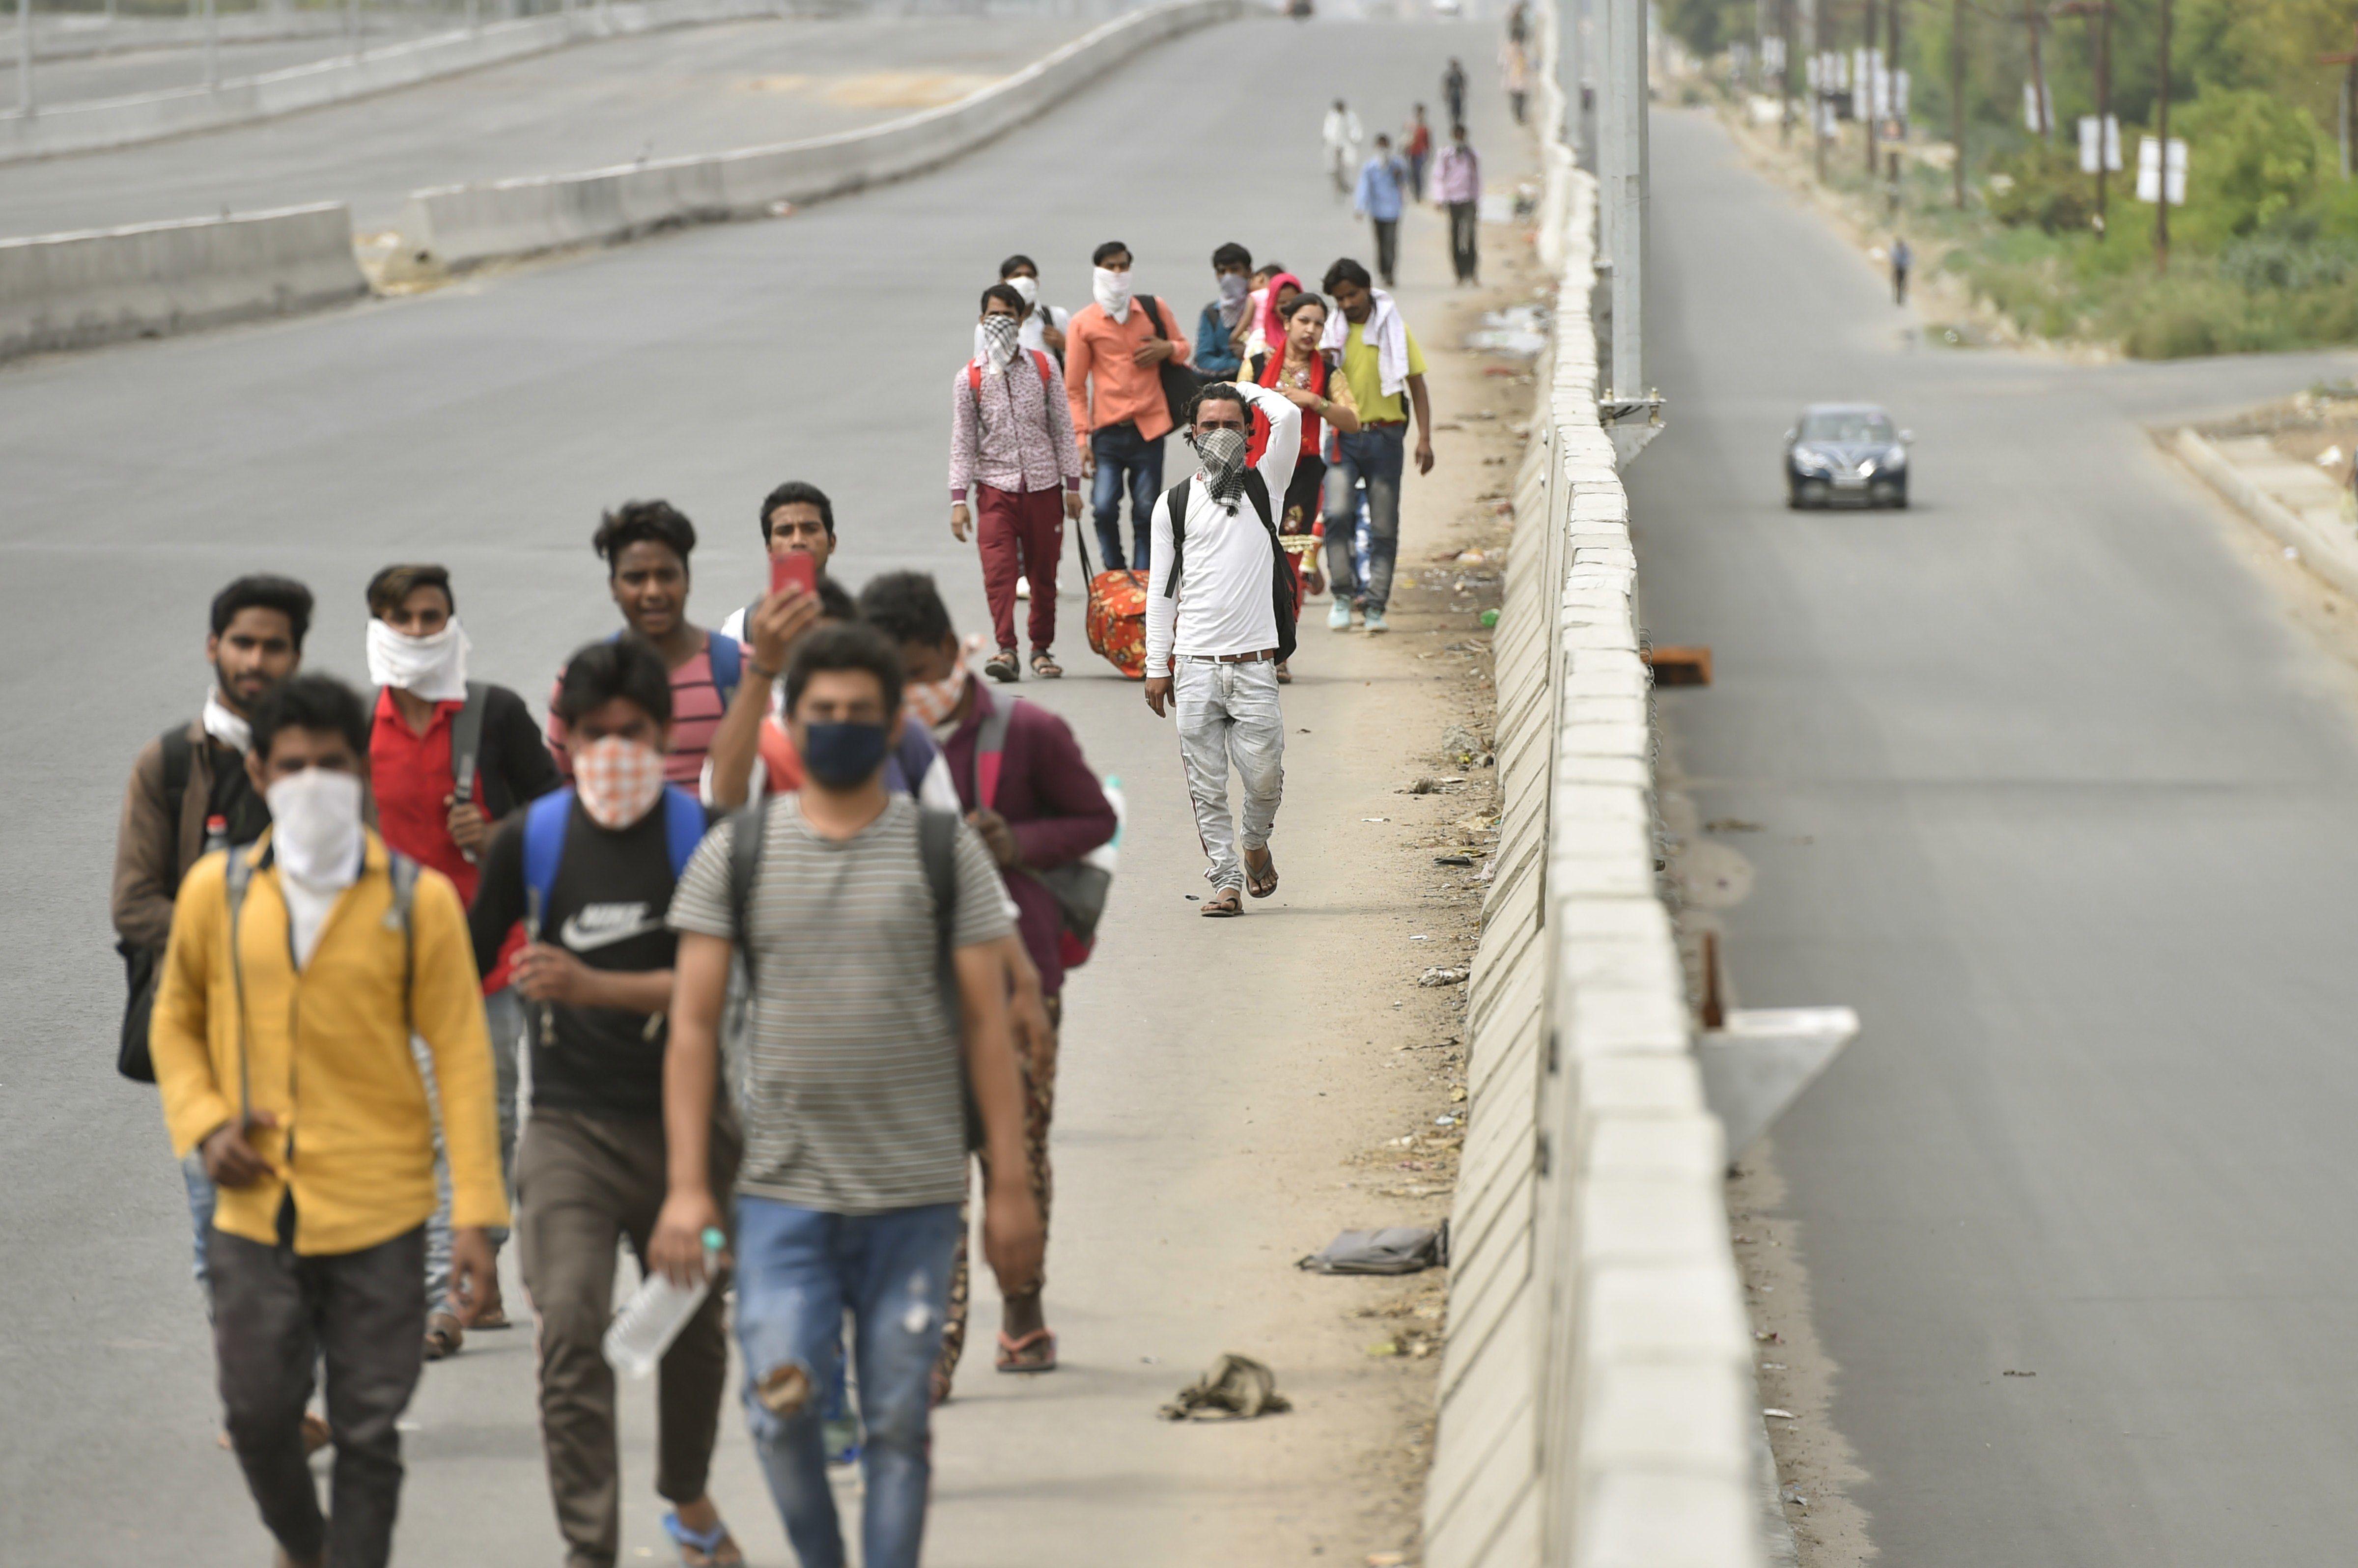 গাজিয়াবাদ থেকে উত্তরপ্রদেশের গ্রামের পথে মানুষ (PTI)